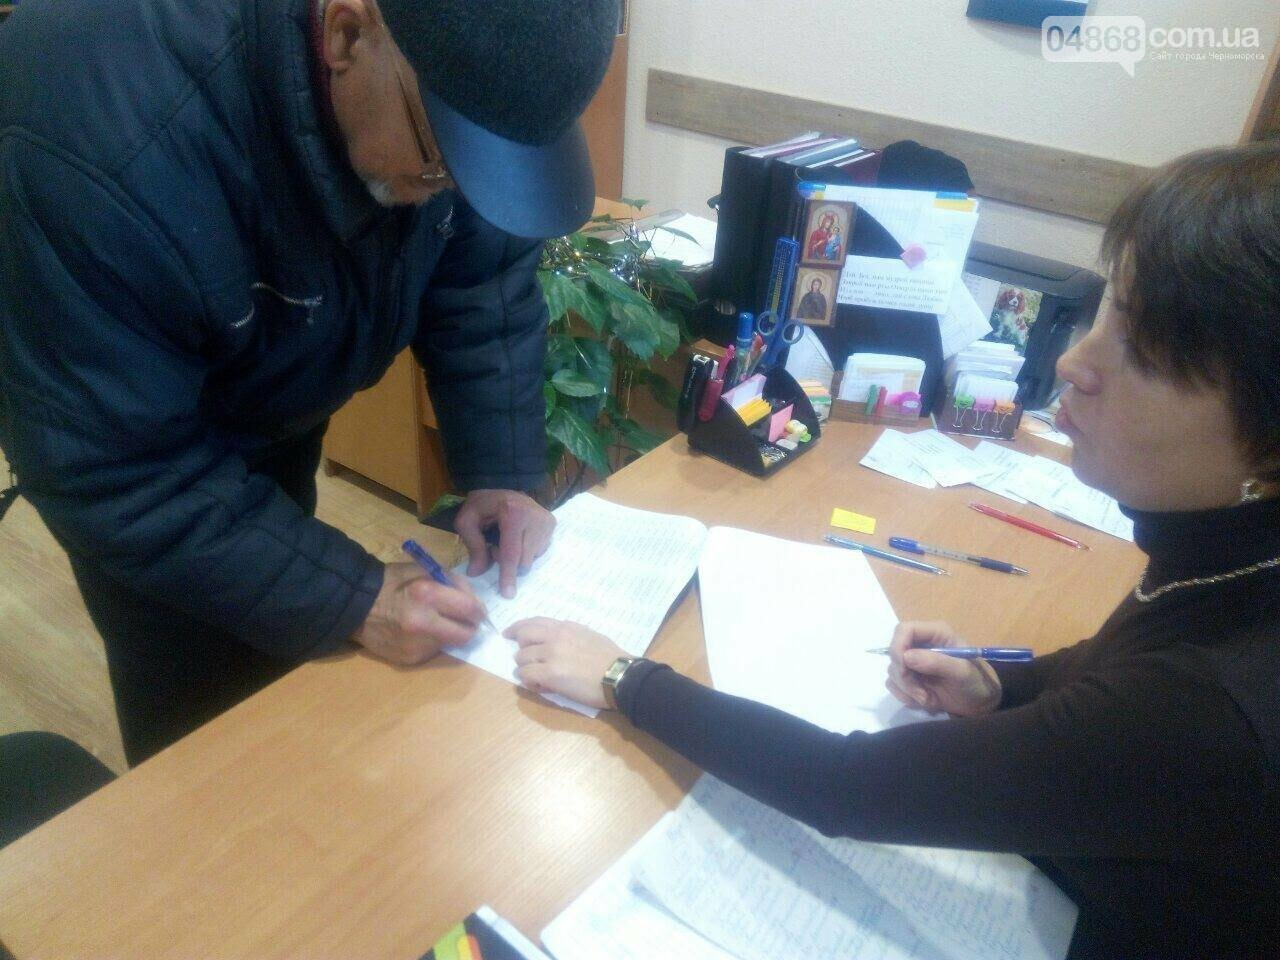 Дарить радость в канун Нового года – добрая традиция Территориального центра социального обслуживания Черноморска, фото-3